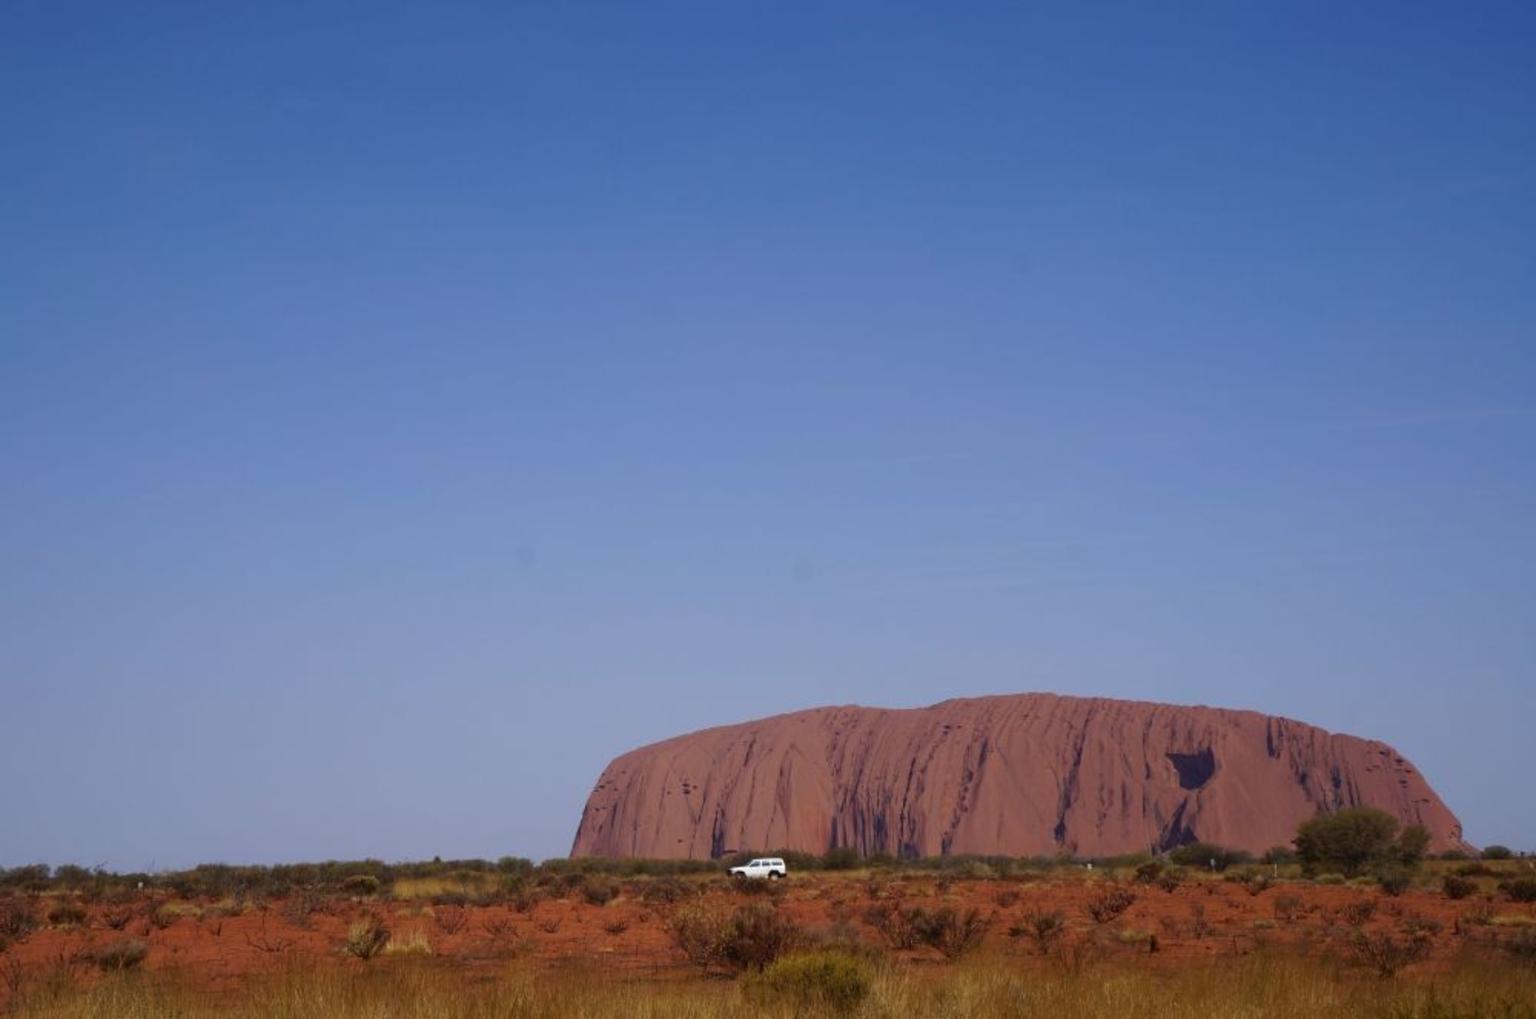 MÁS FOTOS, Lo mejor de Ayers Rock: Excursión para grupos pequeños, atardecer en el Uluru y amanecer en Kata Tjuta